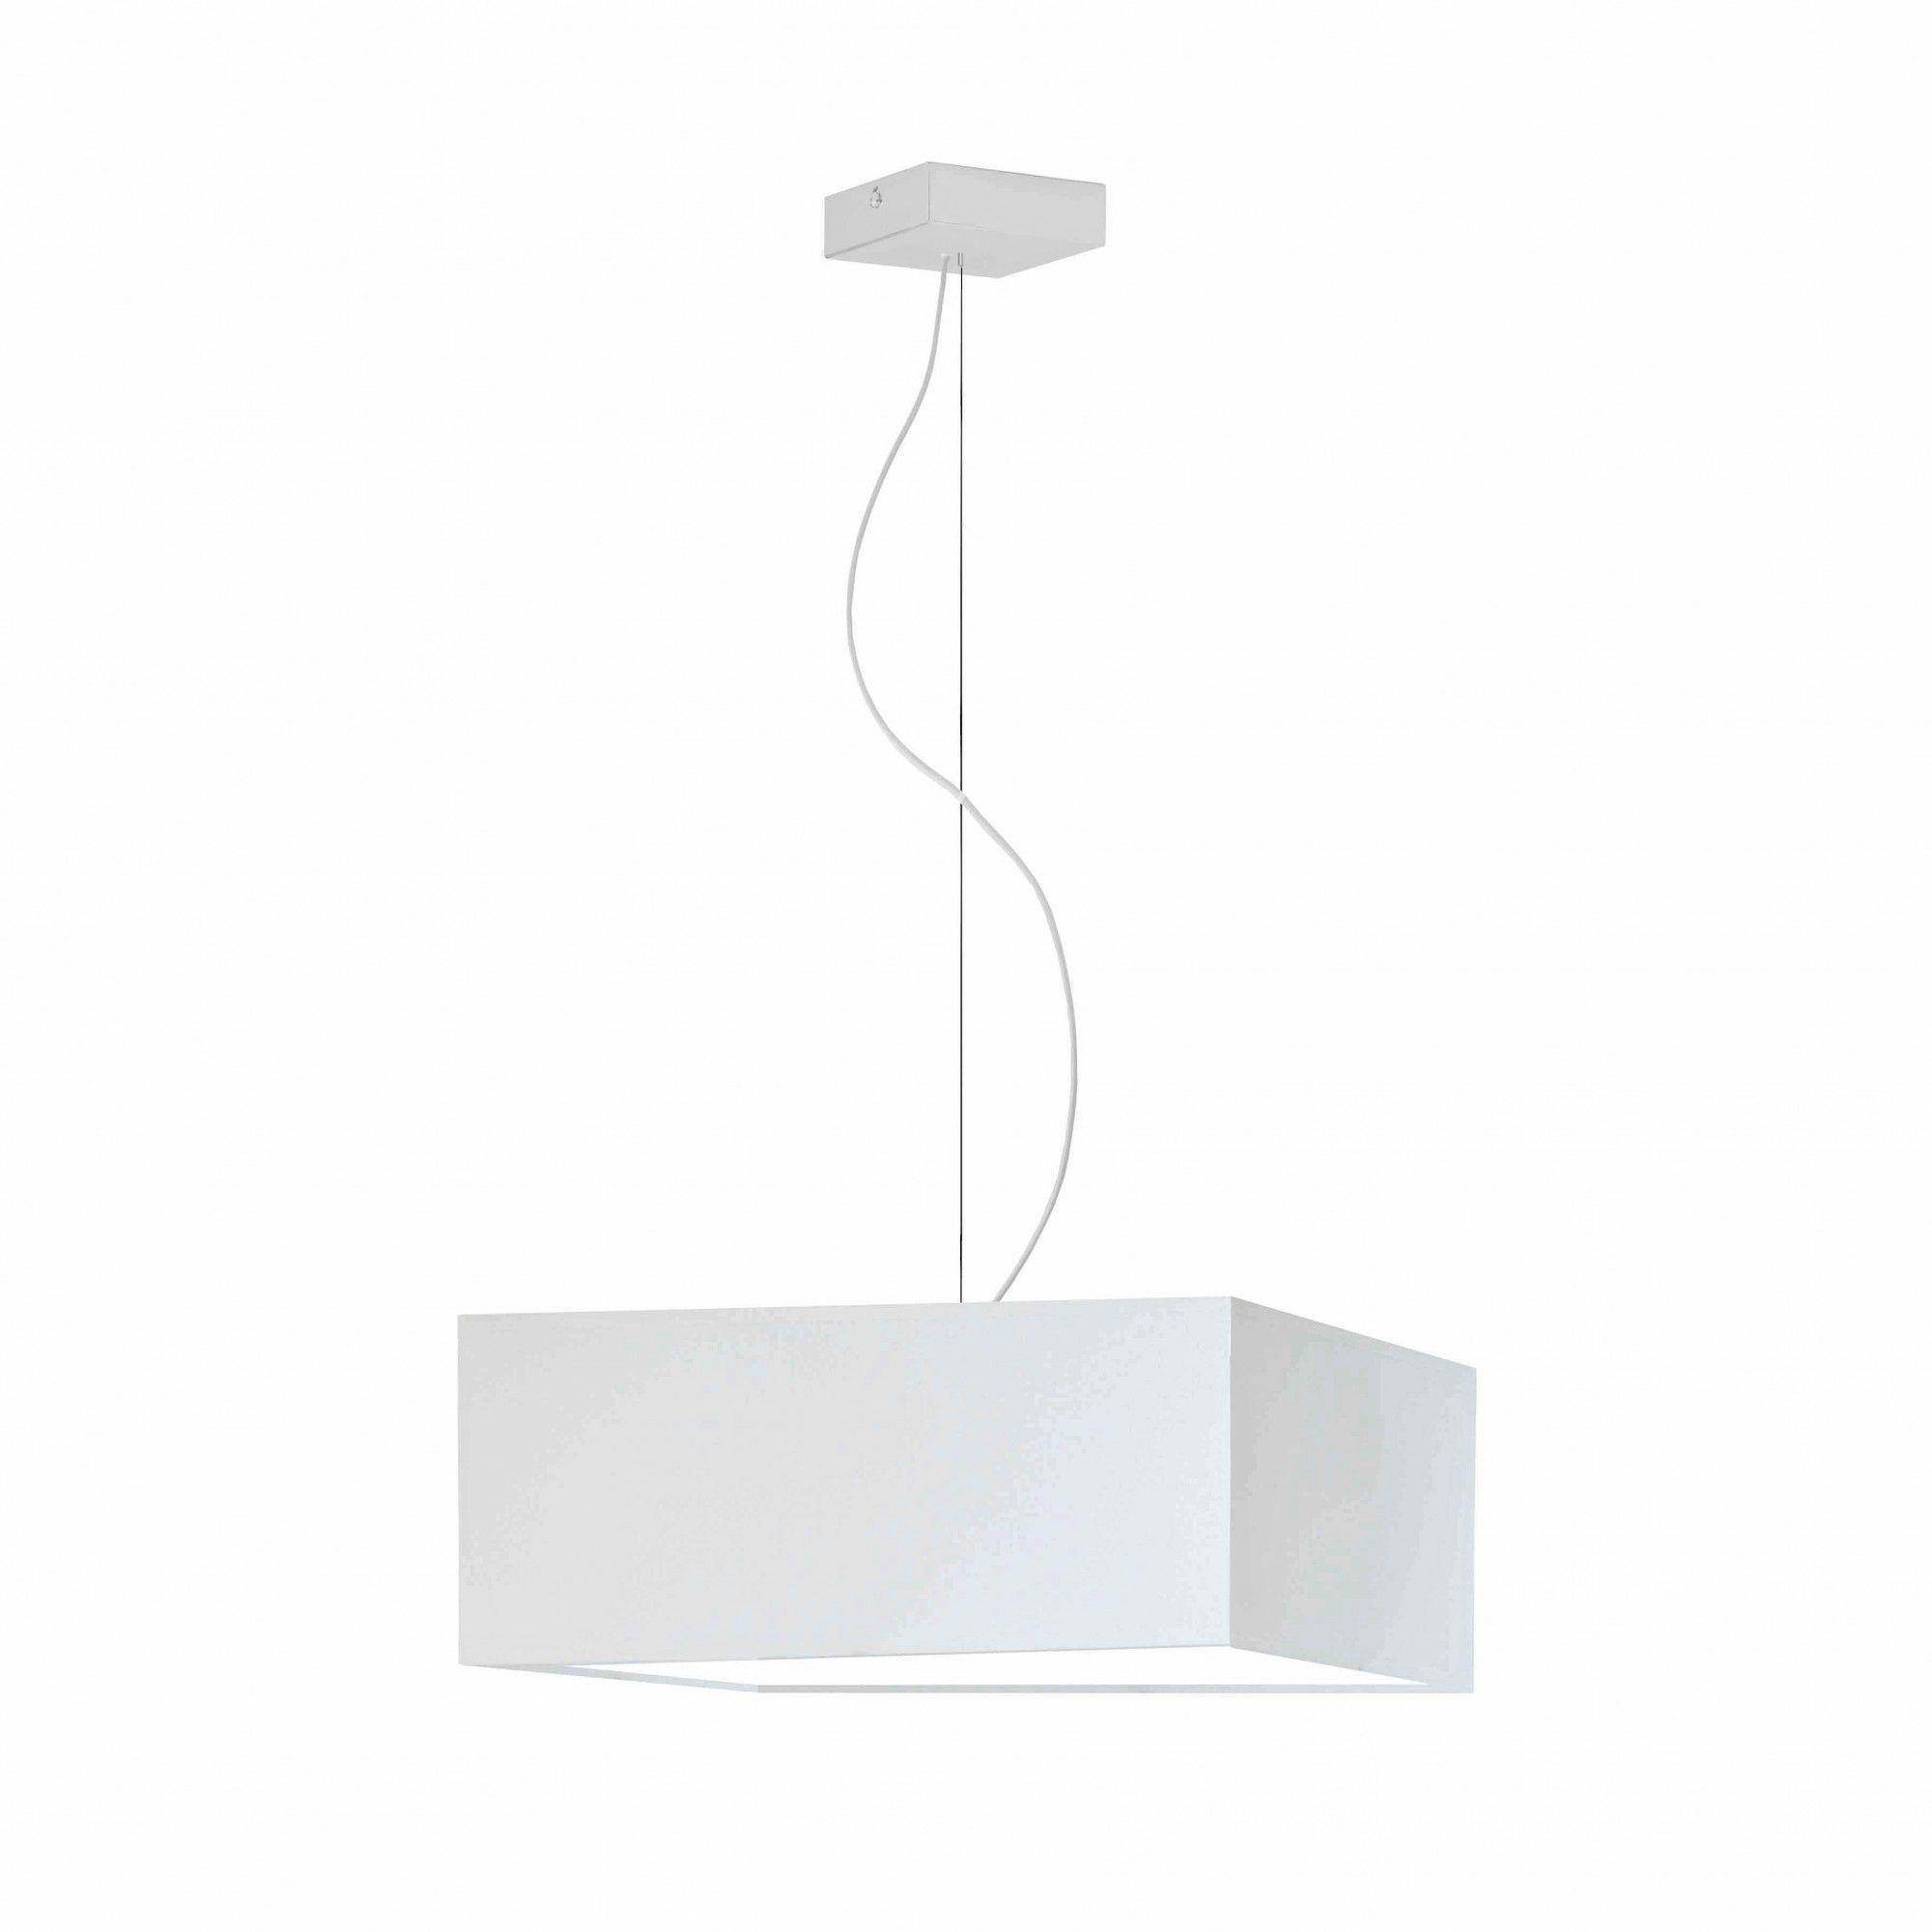 Kwadratowa lampa wisząca EX226-Sangris - 18 kolorów do wyboru